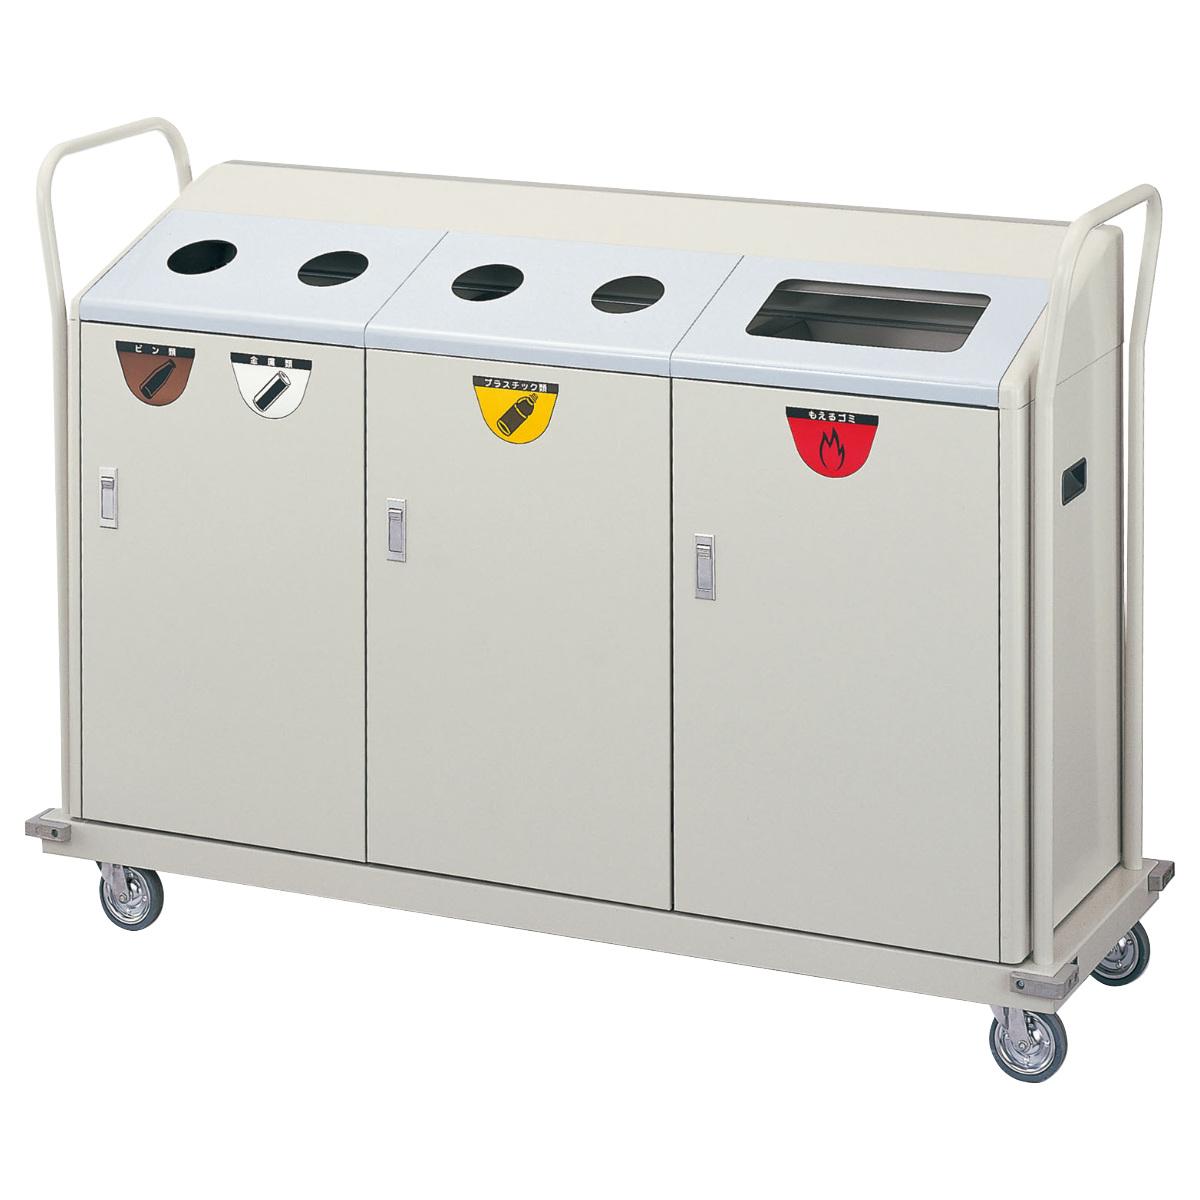 屋内用リサイクルボックス RBK-500TRP 1段キャリー (ゴミ箱 キャリー ヤマザキ ダストボックス 山崎産業 送料無料 )